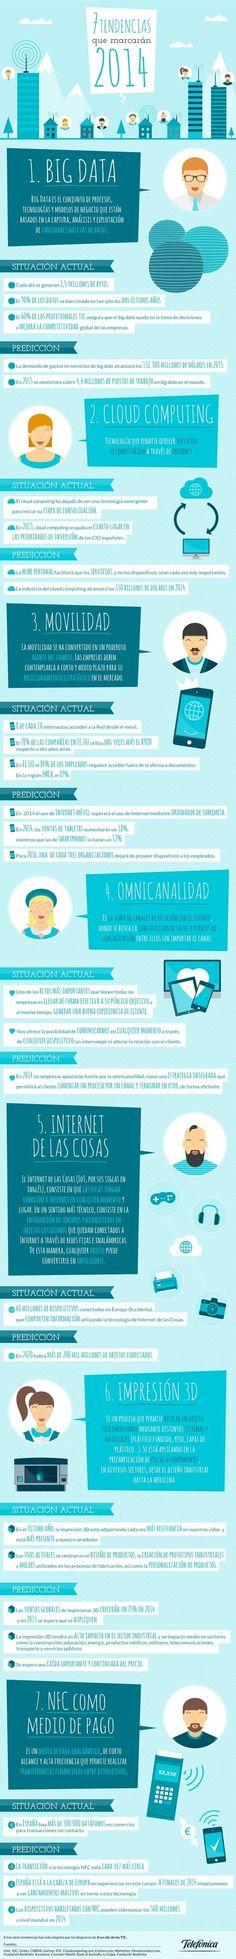 7 tendencias en tecnología que marcarán 2014 #infografia #infographic #tech   Eventos Poniente de Granada   Scoop.it